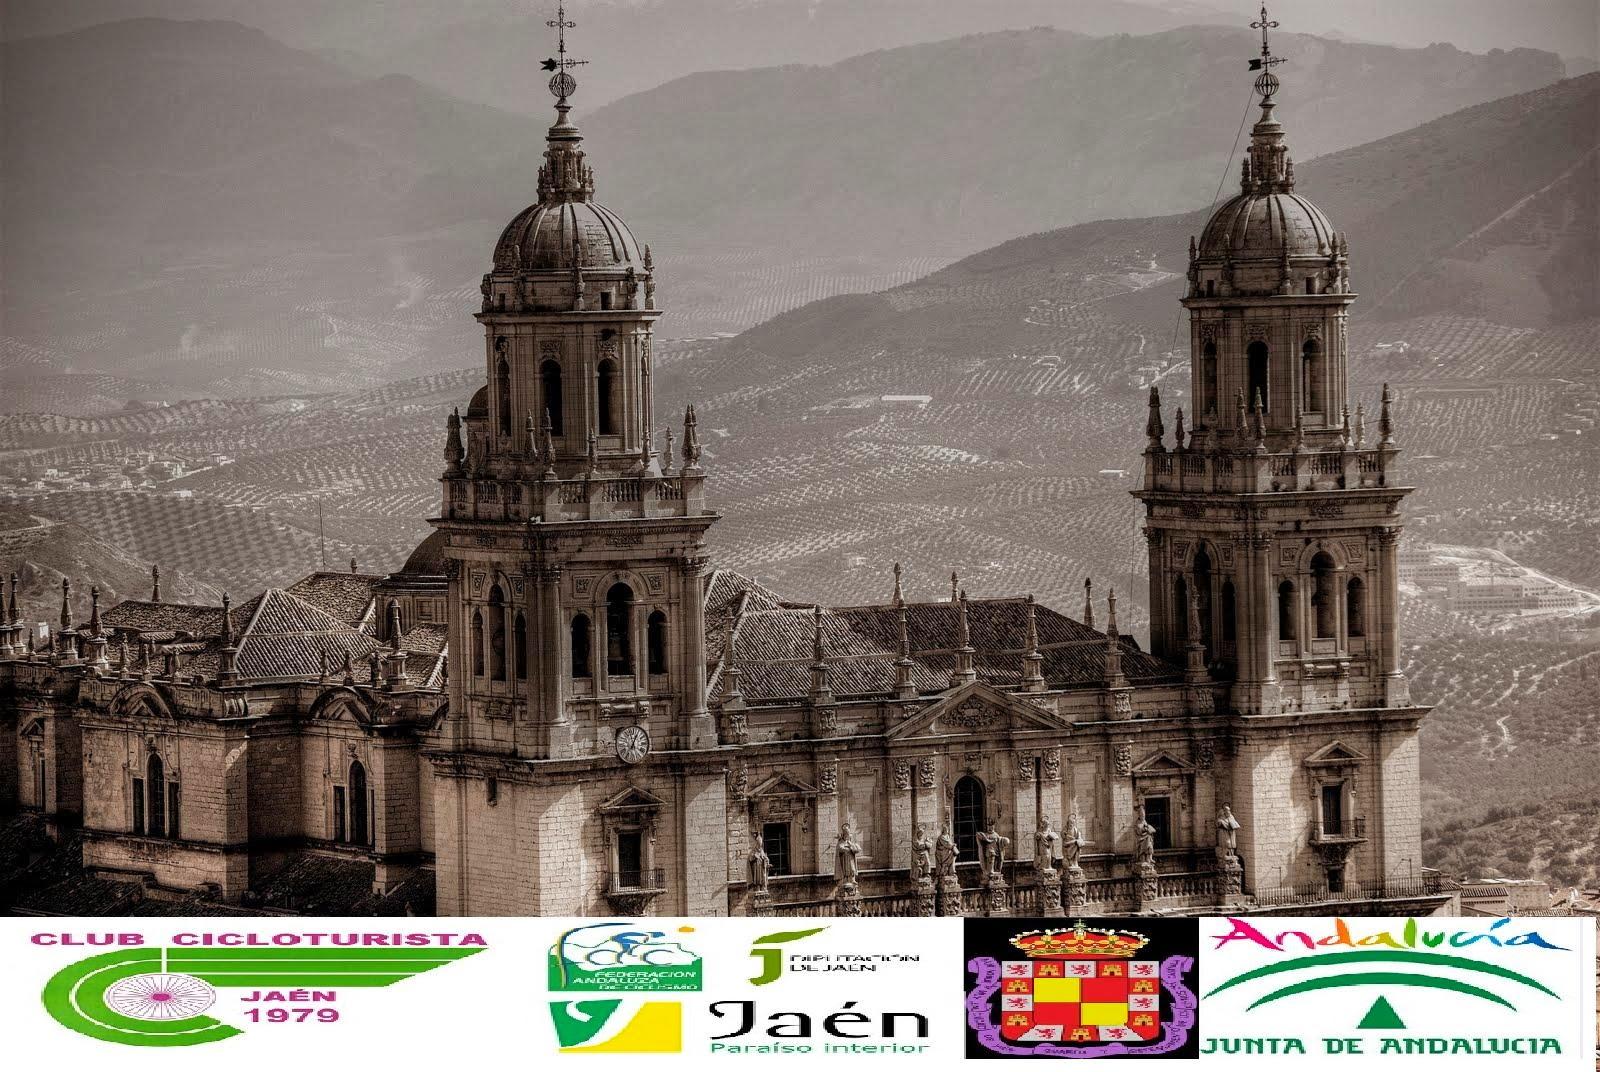 Club Cicloturista Jaén